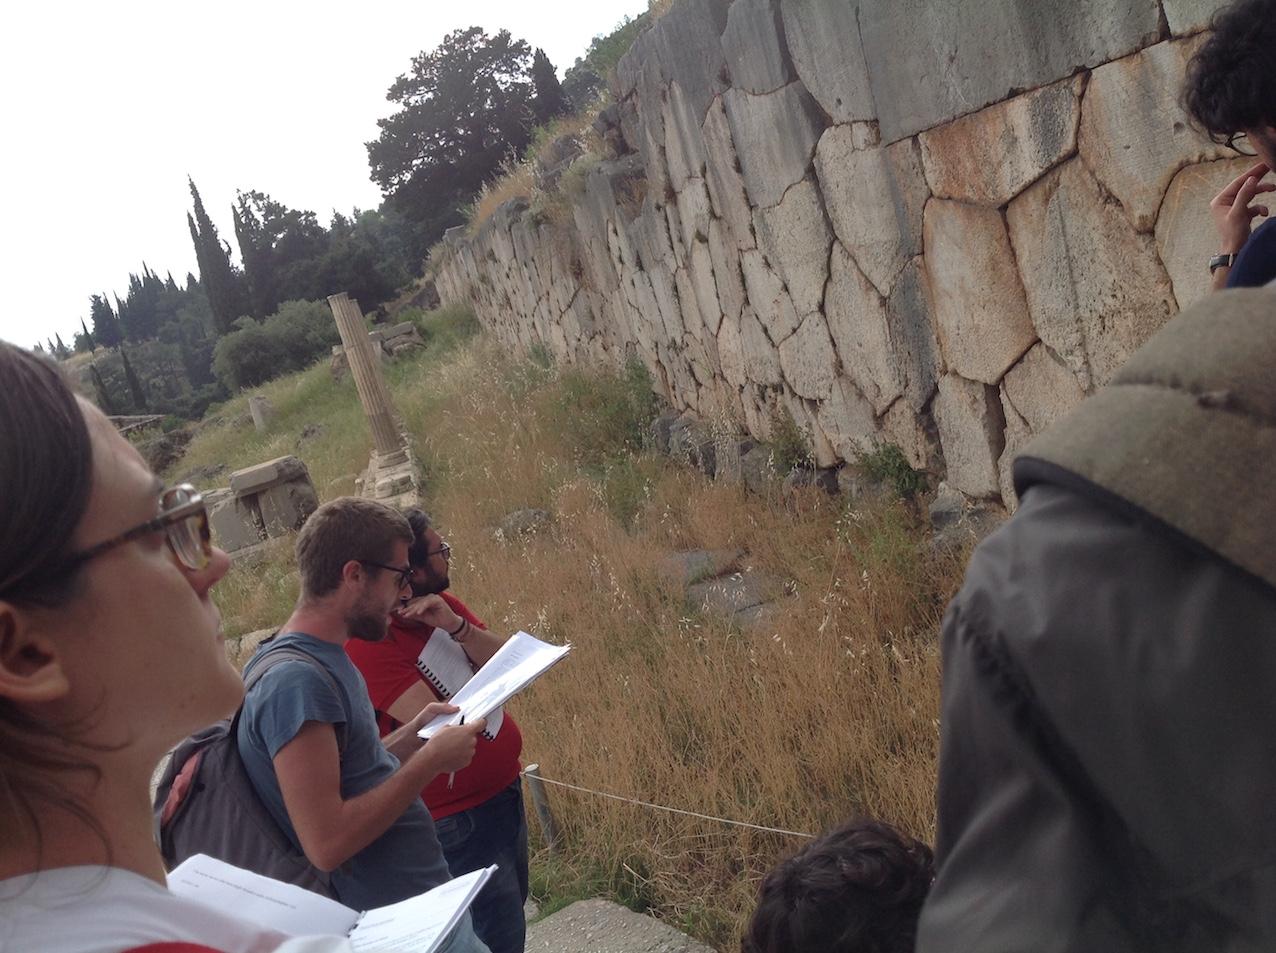 Visita didattica a Delfi degli allievi del corso di storia greca 2018